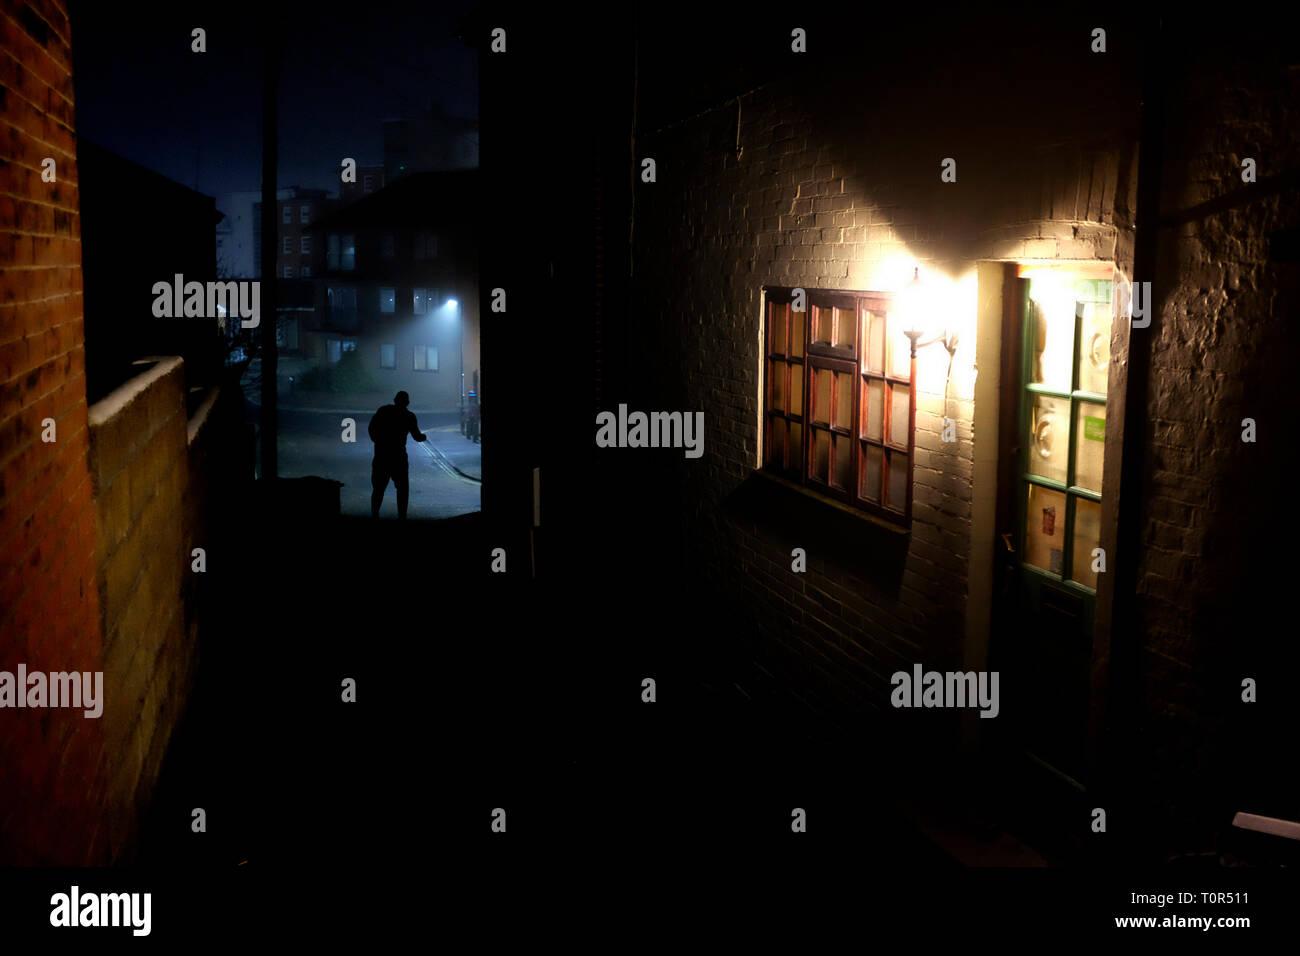 Sinister,la figura,a,silhouette,stagliano,a,fine,di,vicoletto,alley,Casa,SI ACCENDE,anteriore,porta penale,,crime,omicidio,assassino,paura,d,notte,dark,ombre,l Immagini Stock